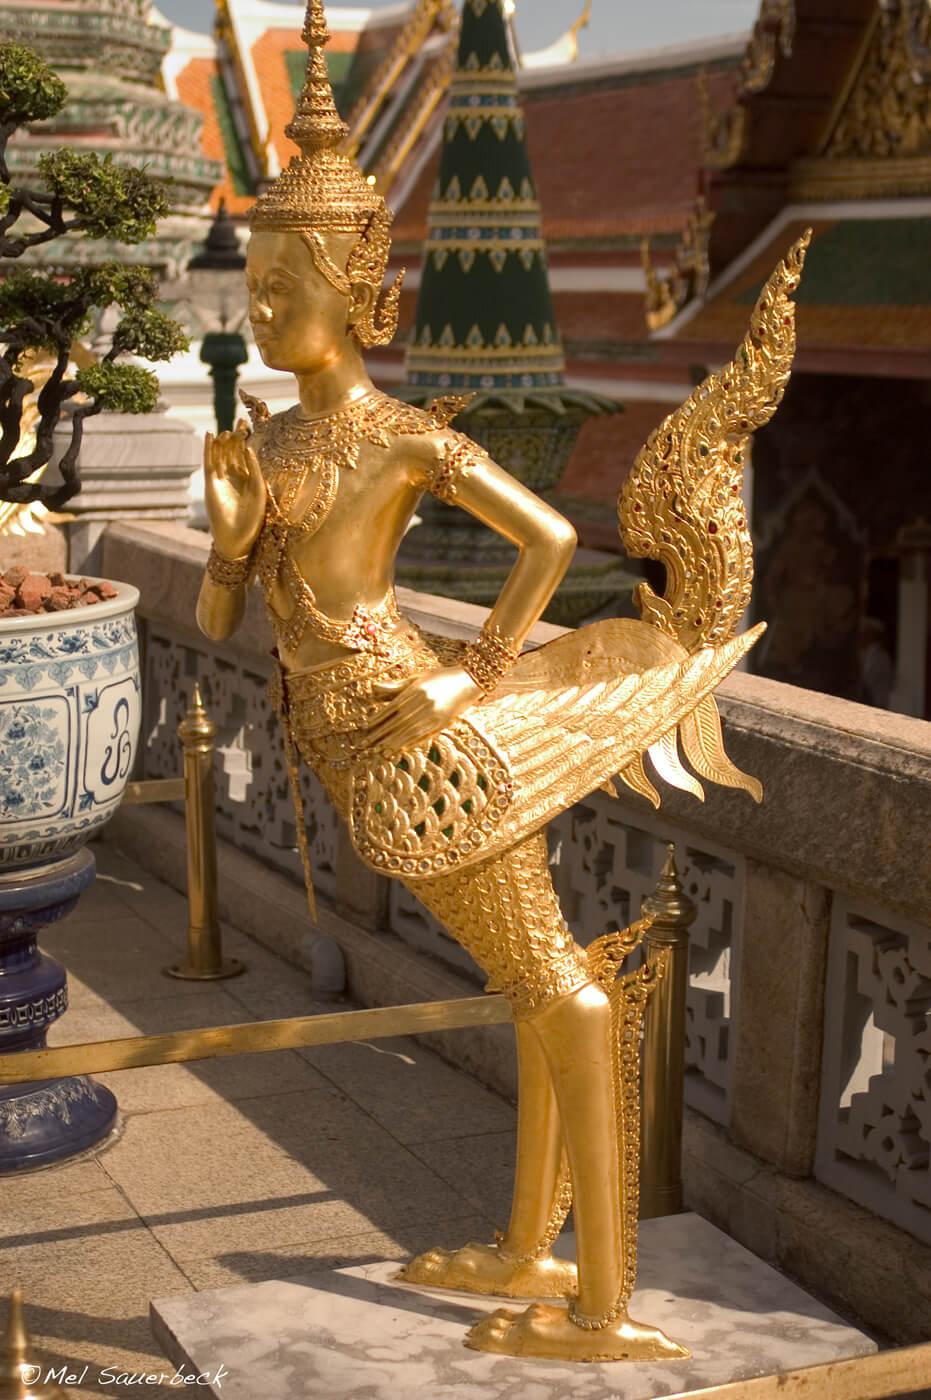 Golden Thai temple statue